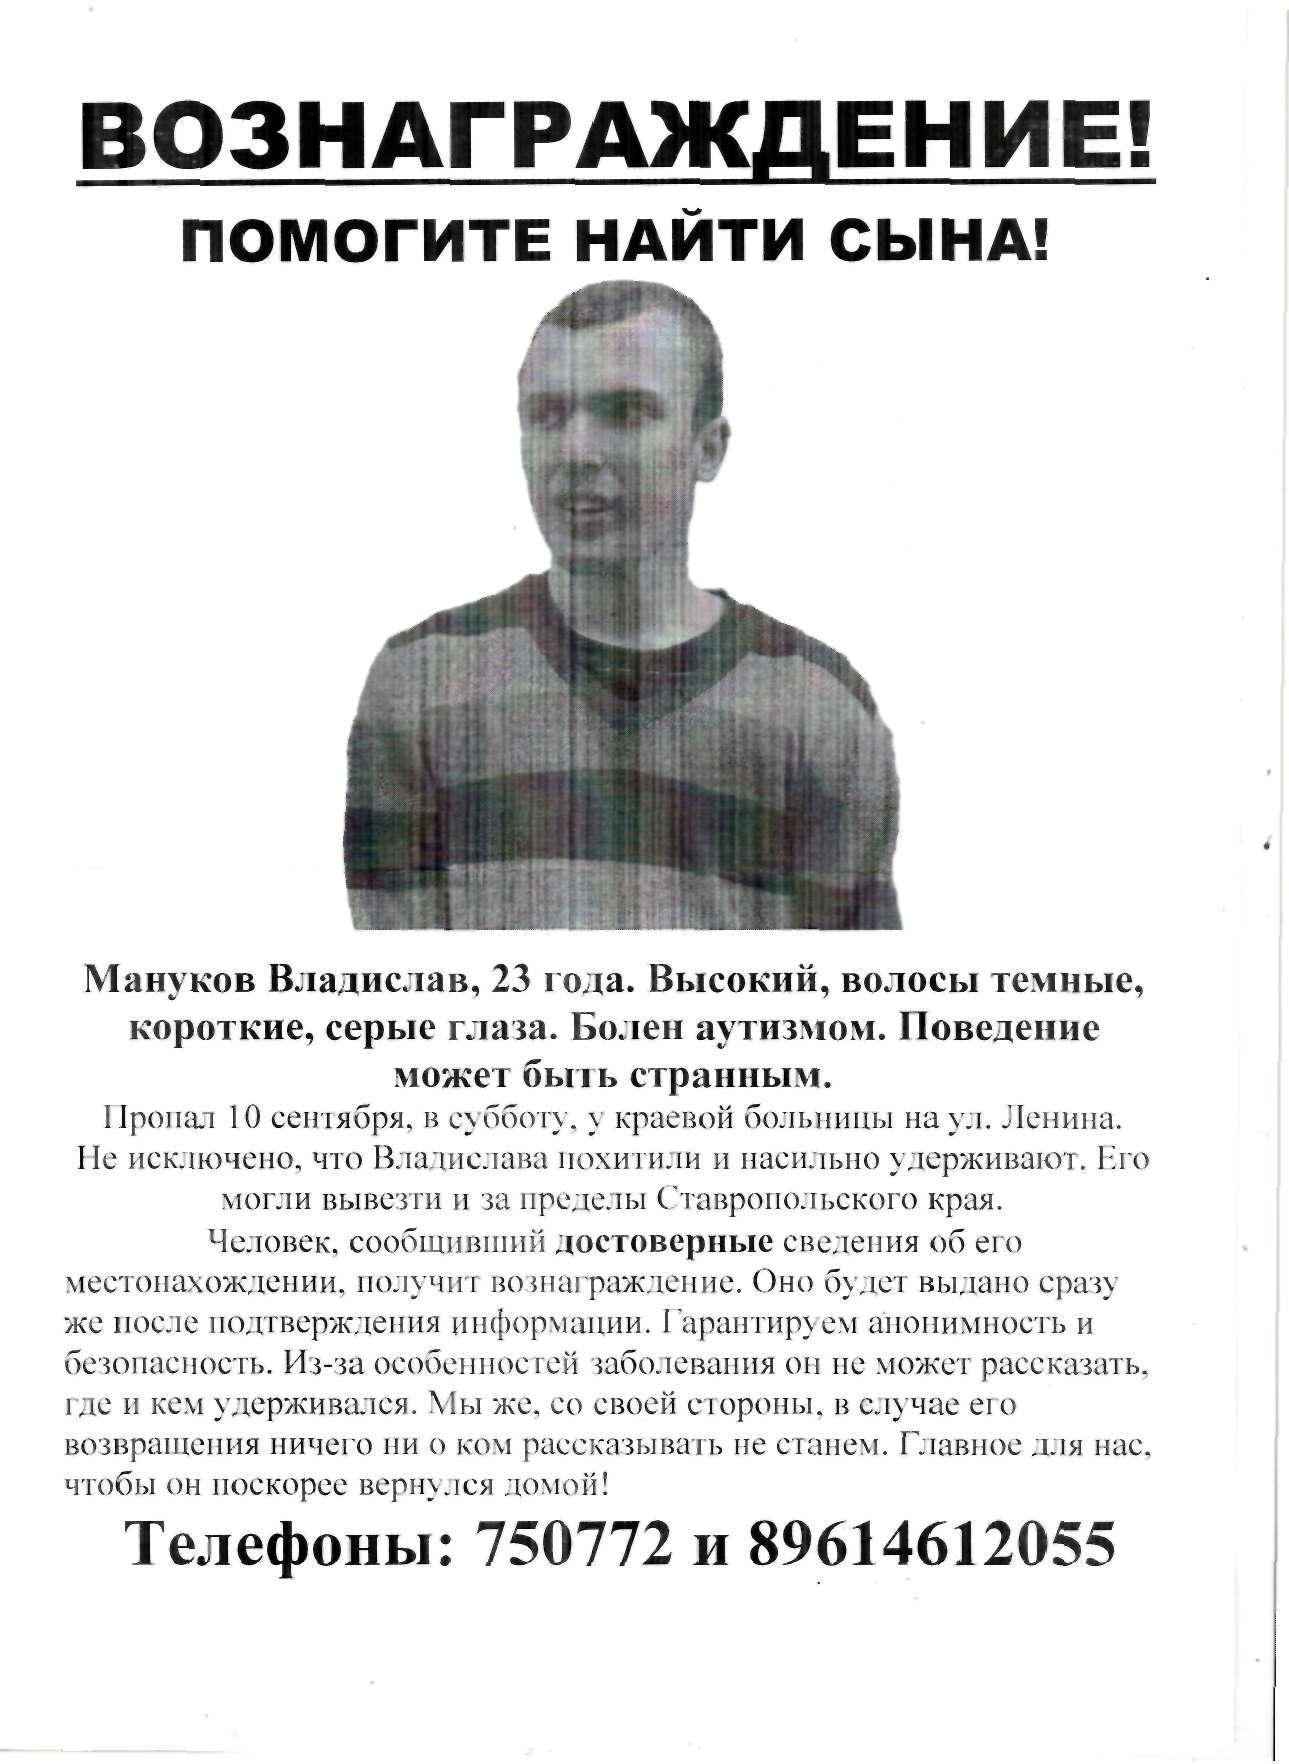 Как появилось в русском языке слово «пацан» и что оно означает - информационный портал командир